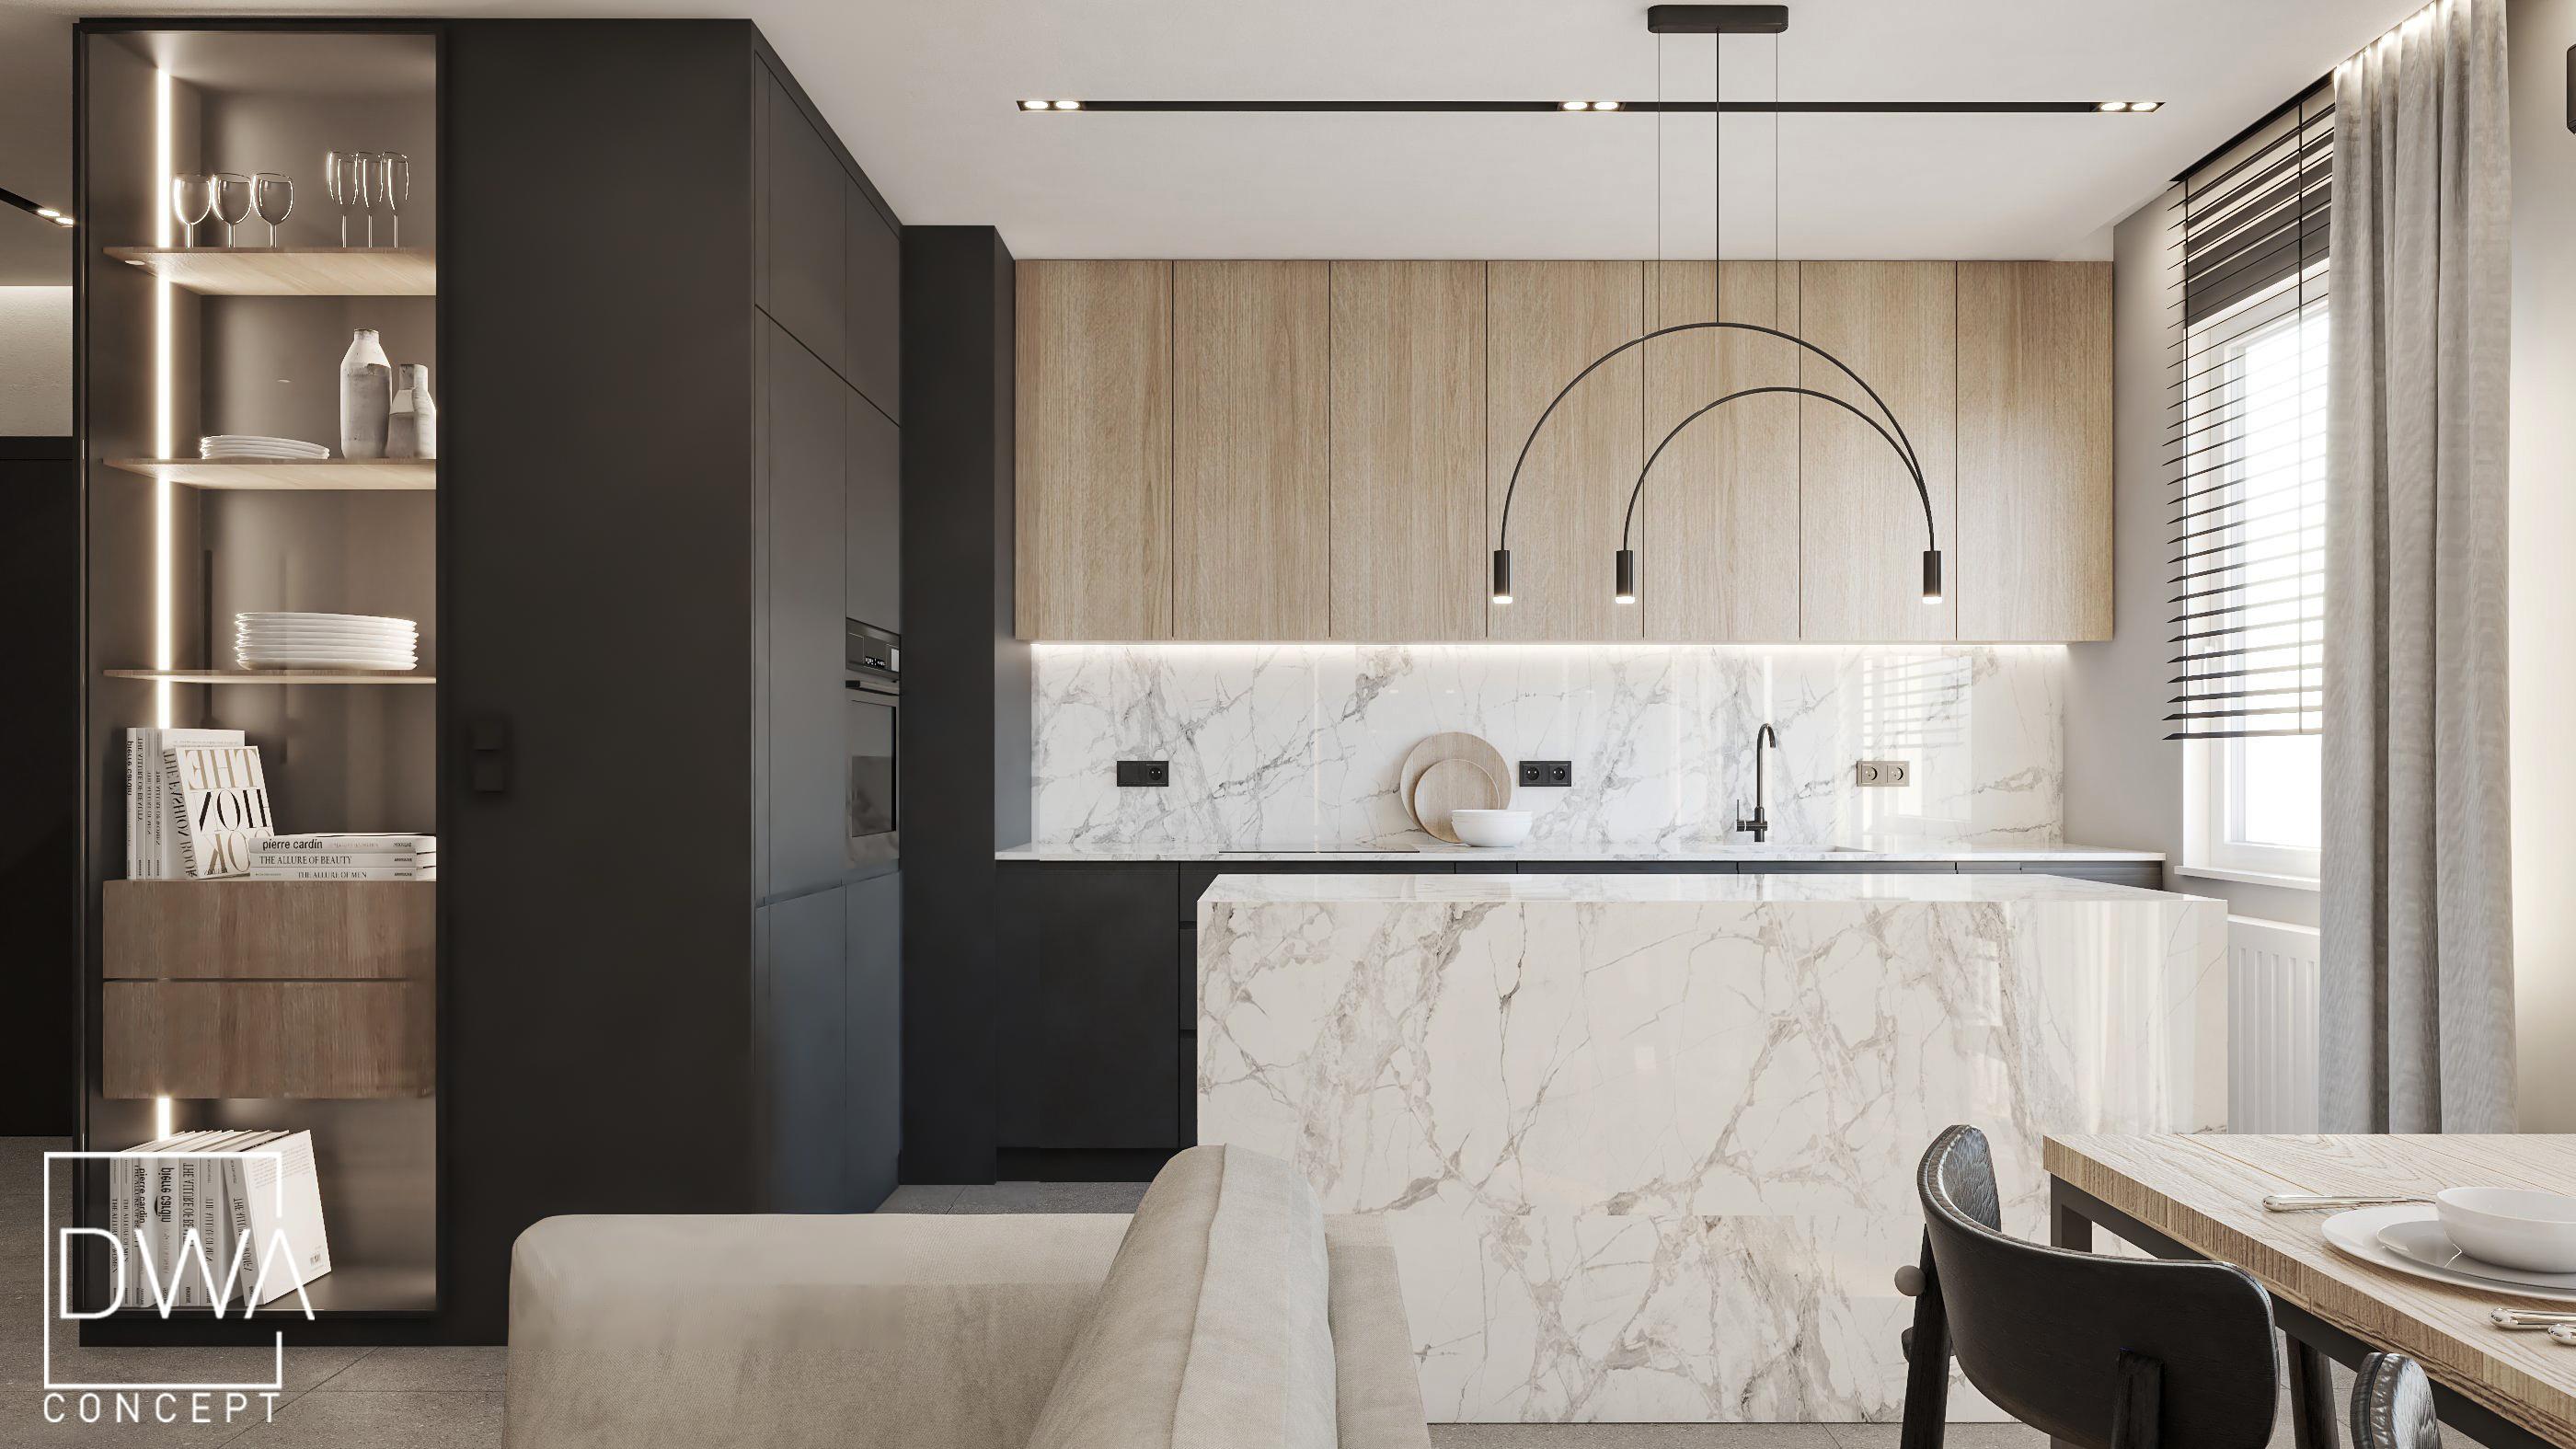 projekt wnetrz apartamentu krakow architektura wnetrz krakow projekty apartamentów dwaconcept architekt wnętrz drewno spiek marmur beton